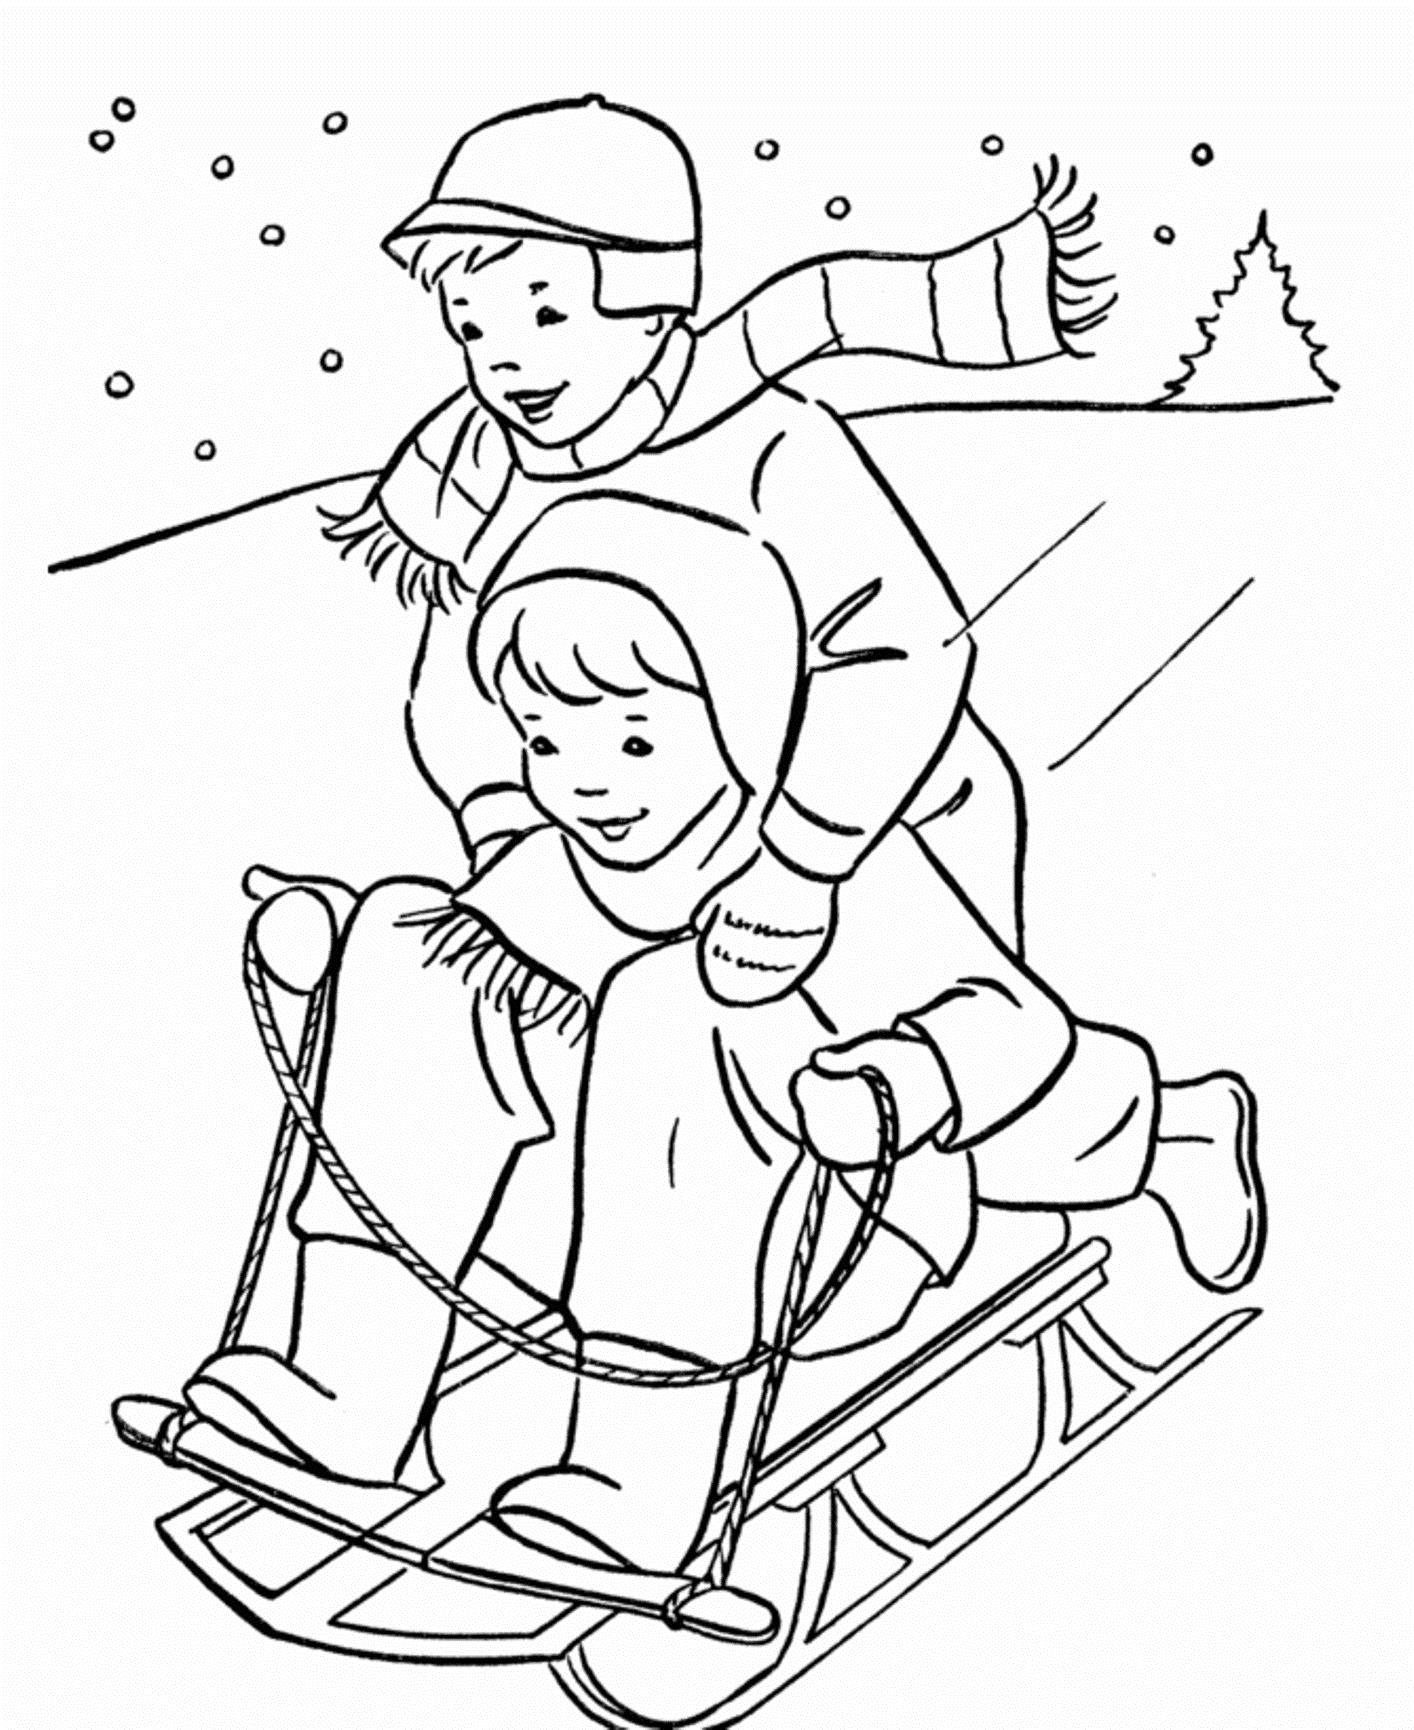 Катаемся на санках Раскраска зима распечатать